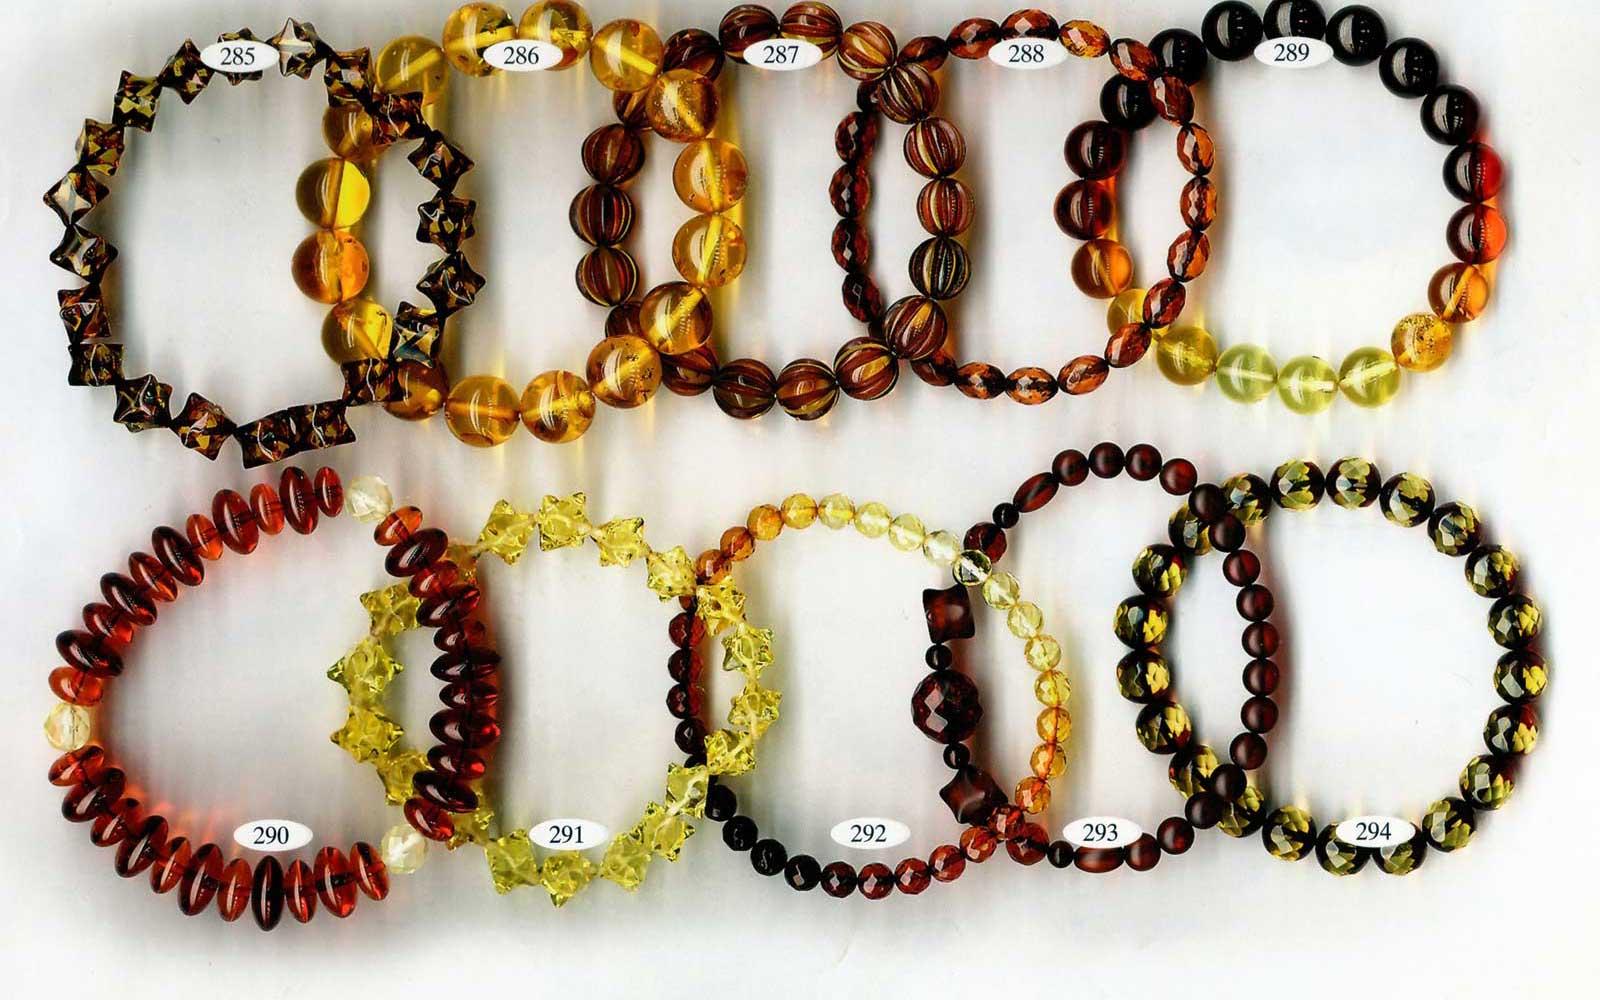 круглые браслеты из янтаря оптом